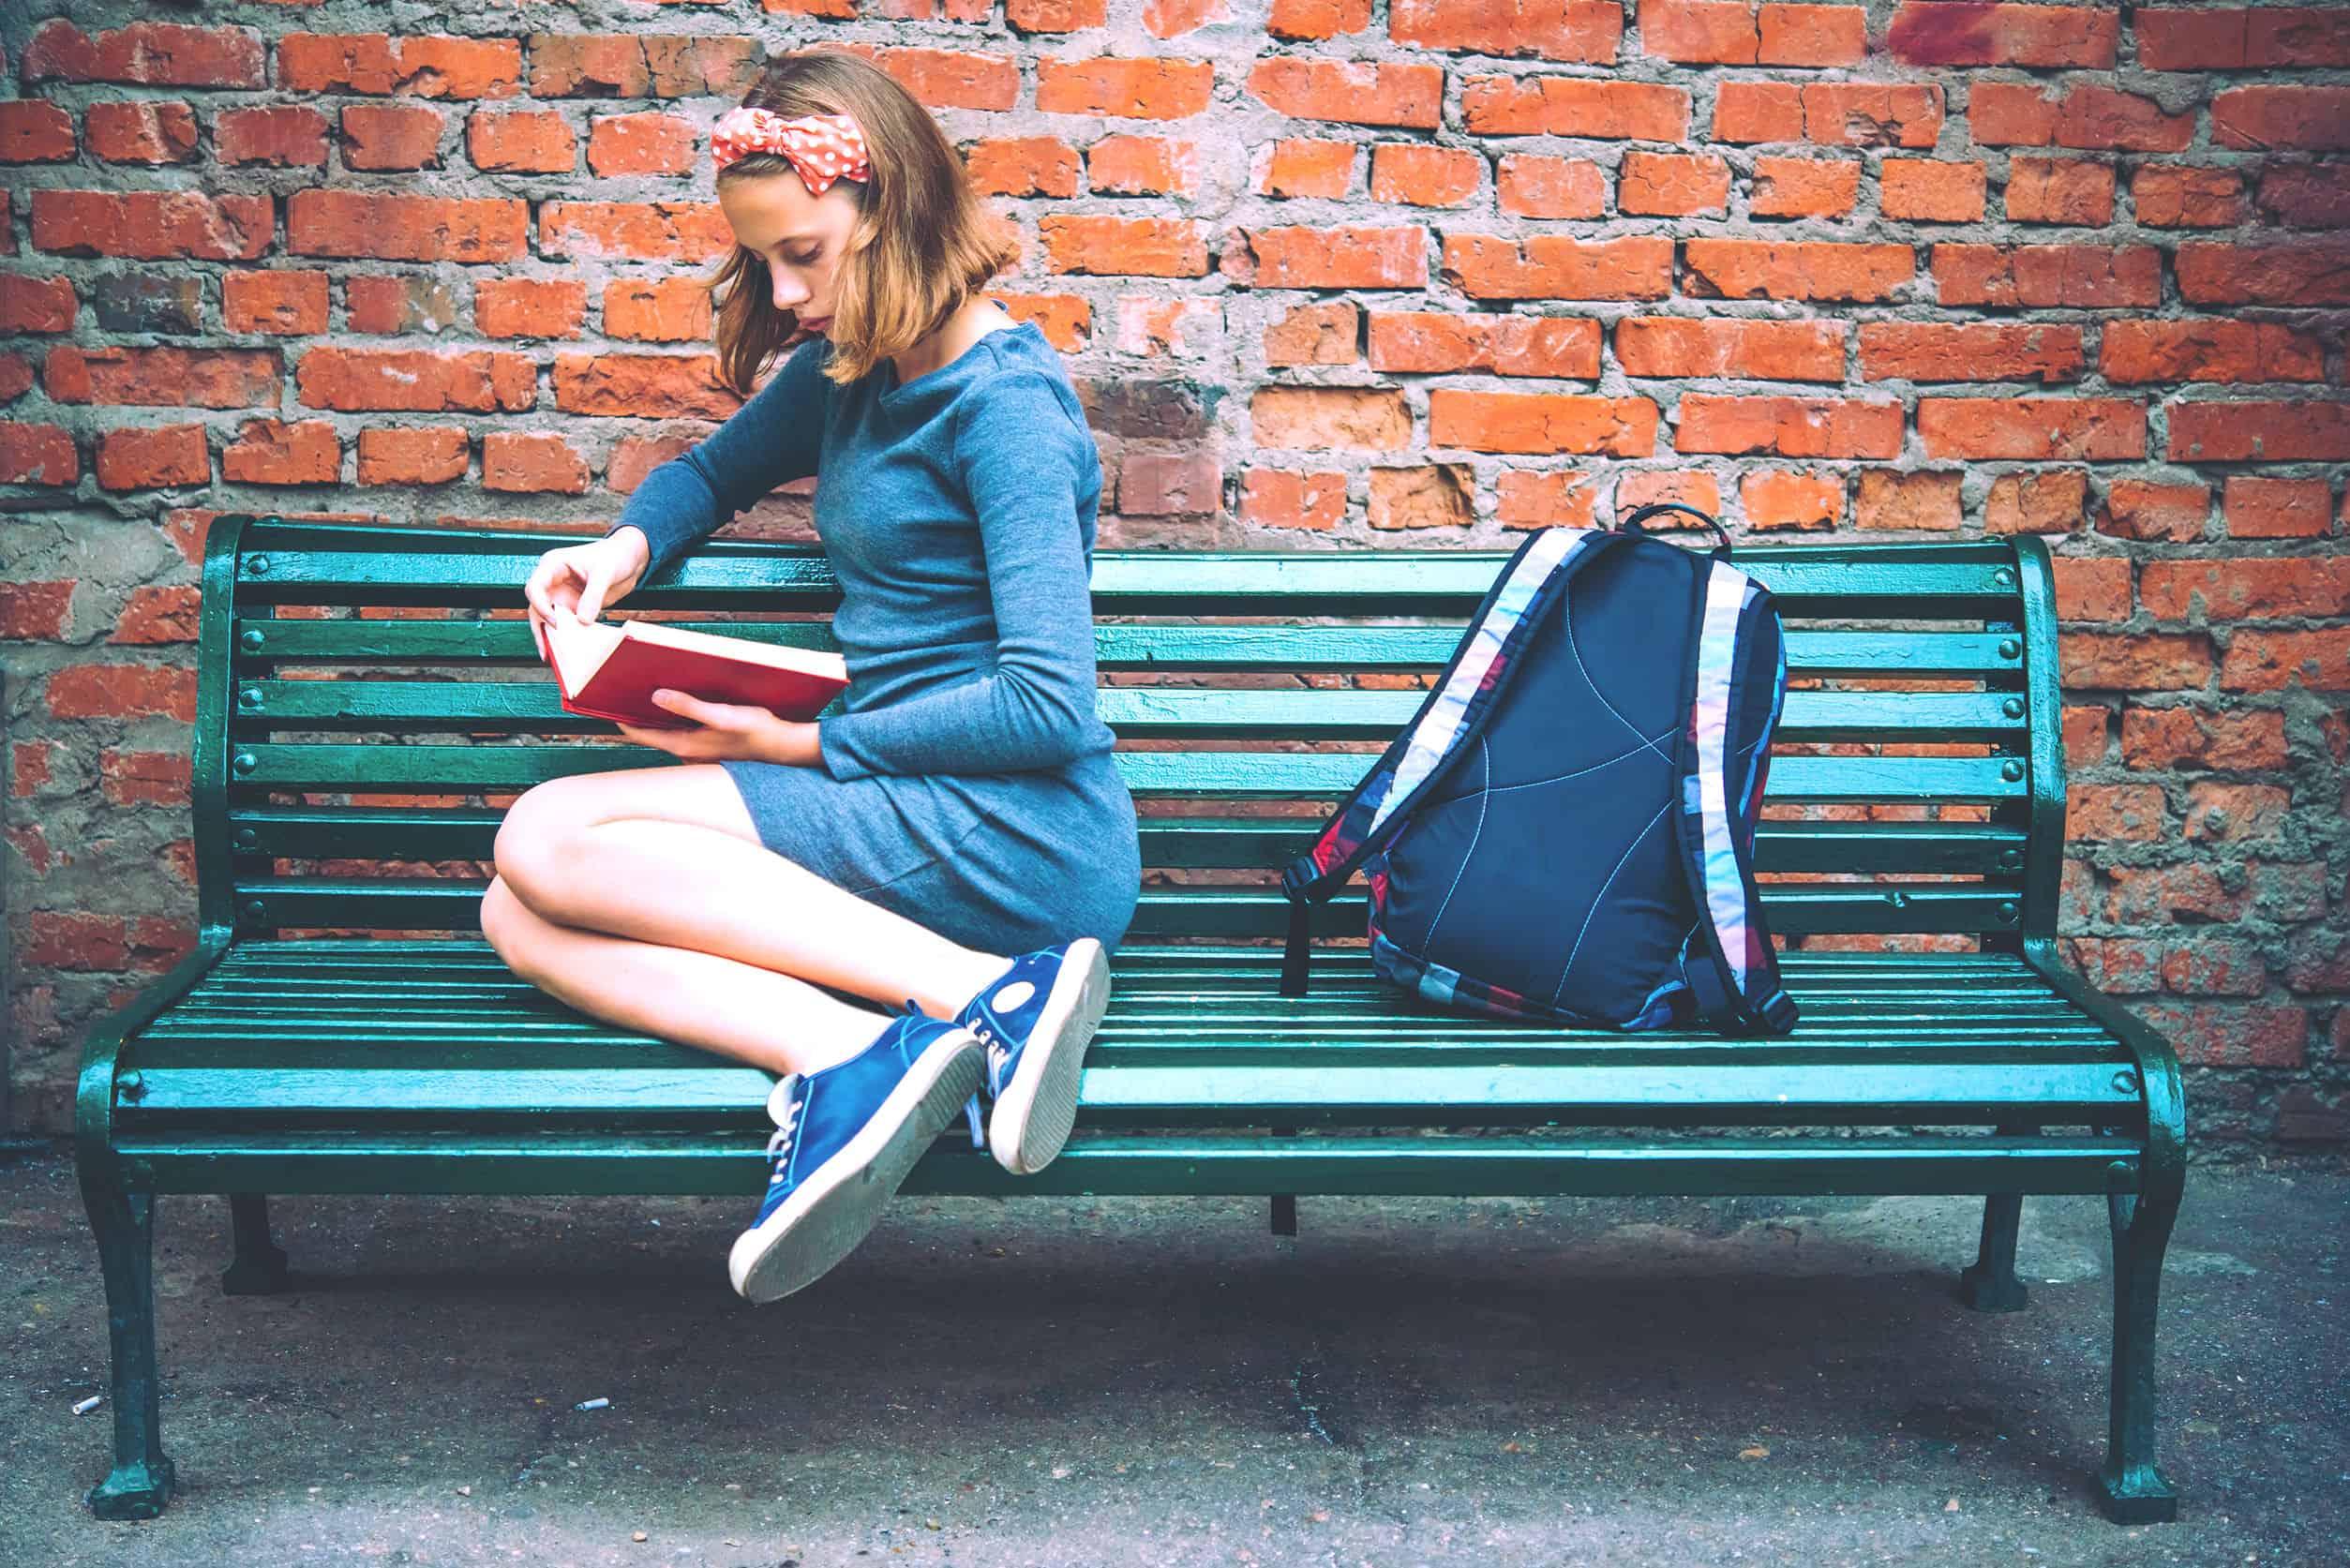 Imagem de menina sentada em banco azul com mochila do lado.